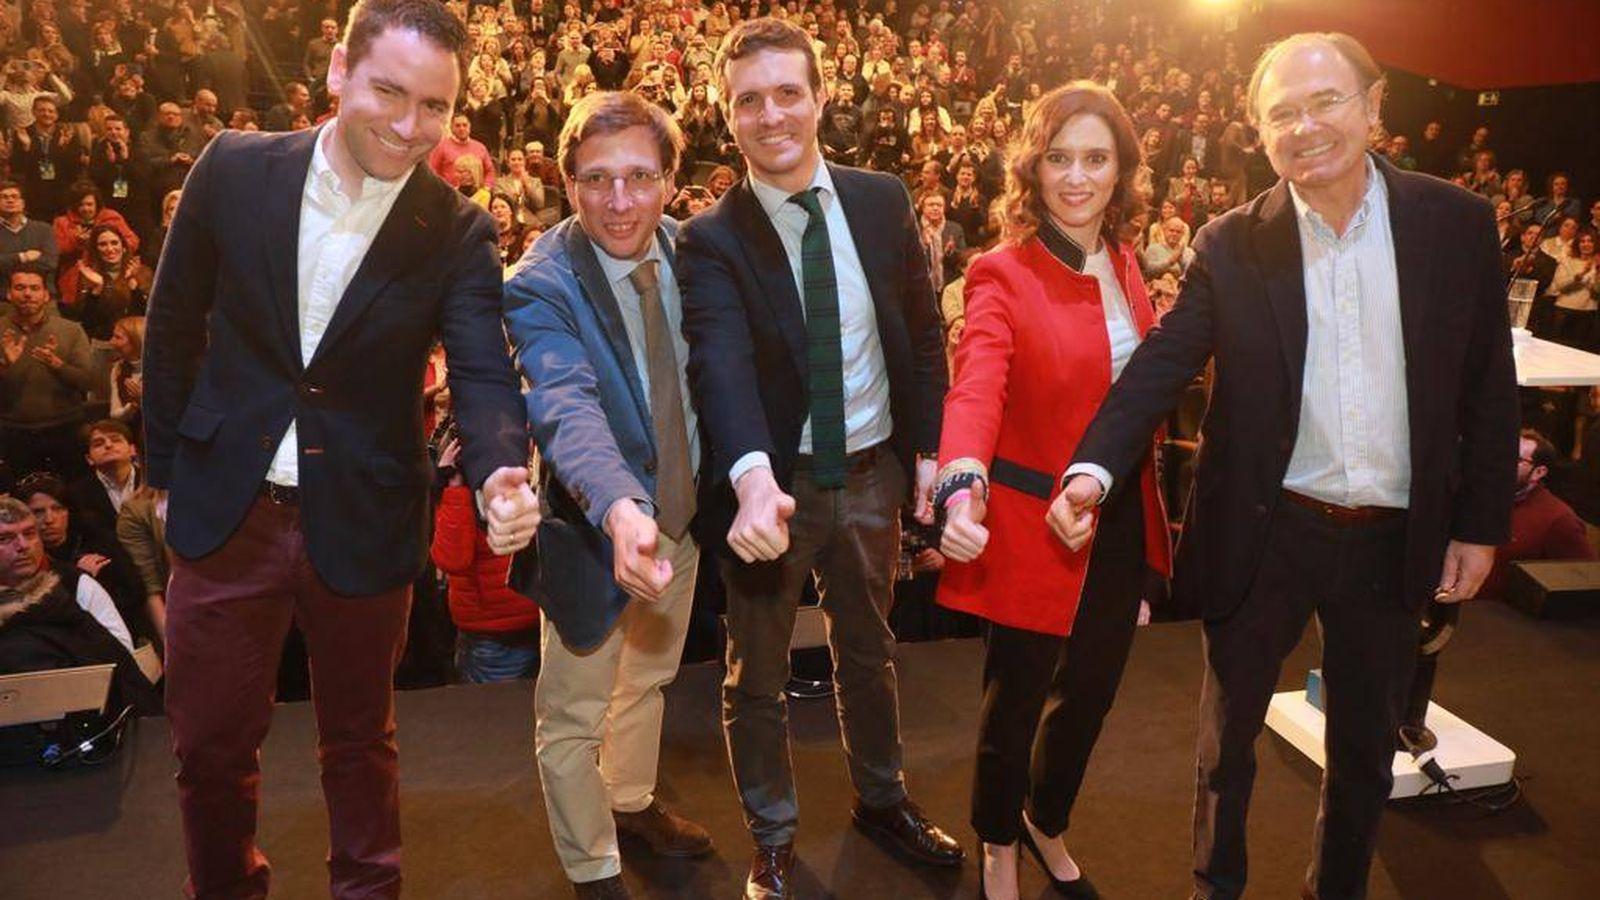 """Casado avala en Madrid a los candidatos de """"su generación"""" pensando en Vox"""